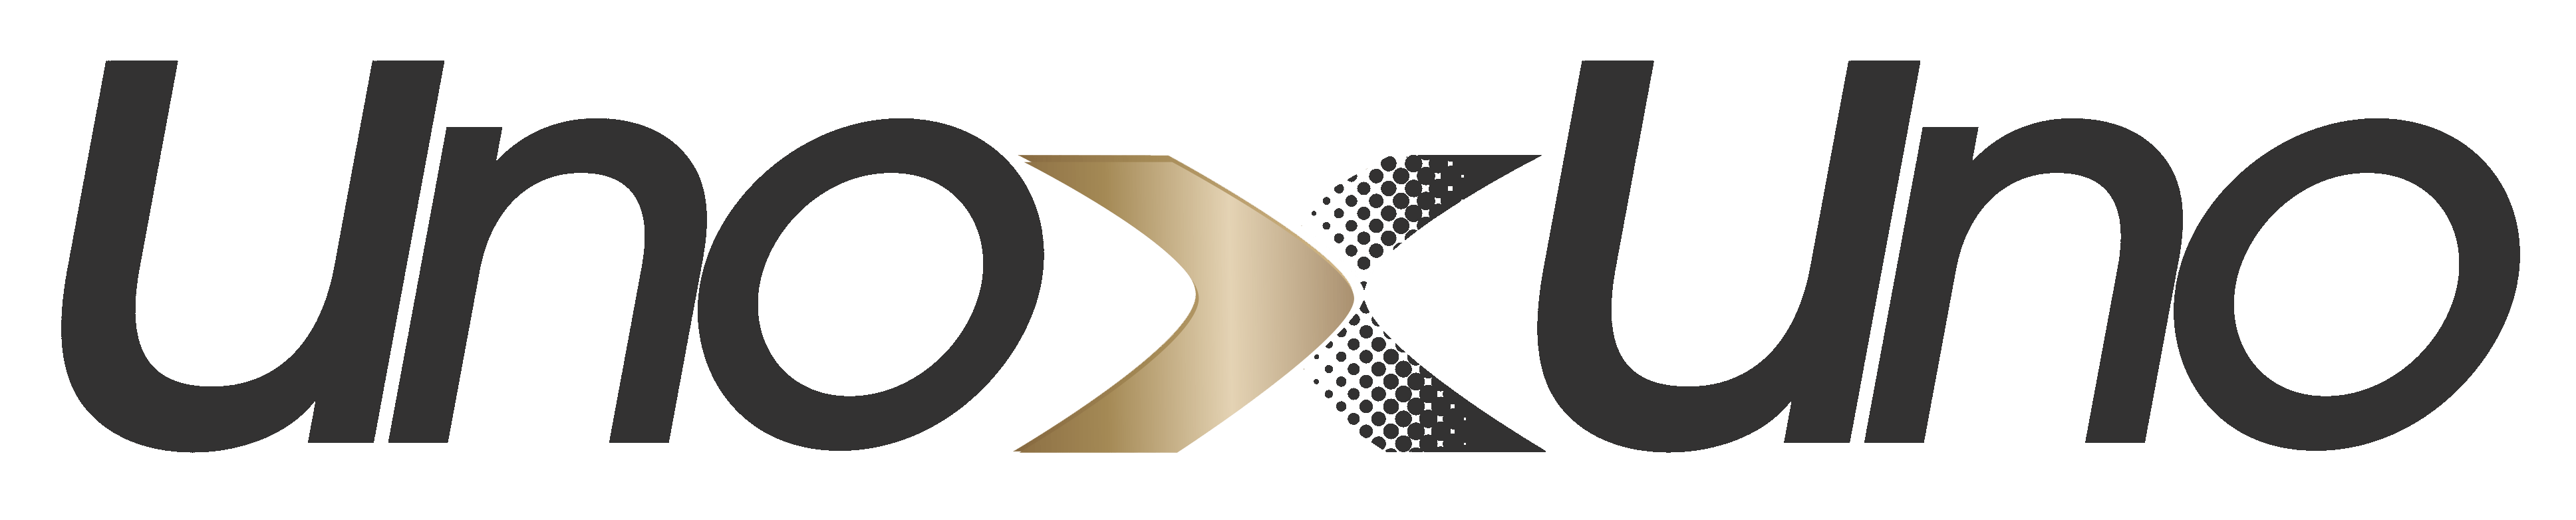 LOGO UNOXUNO DELUXE_Mesa de trabajo 1 copy